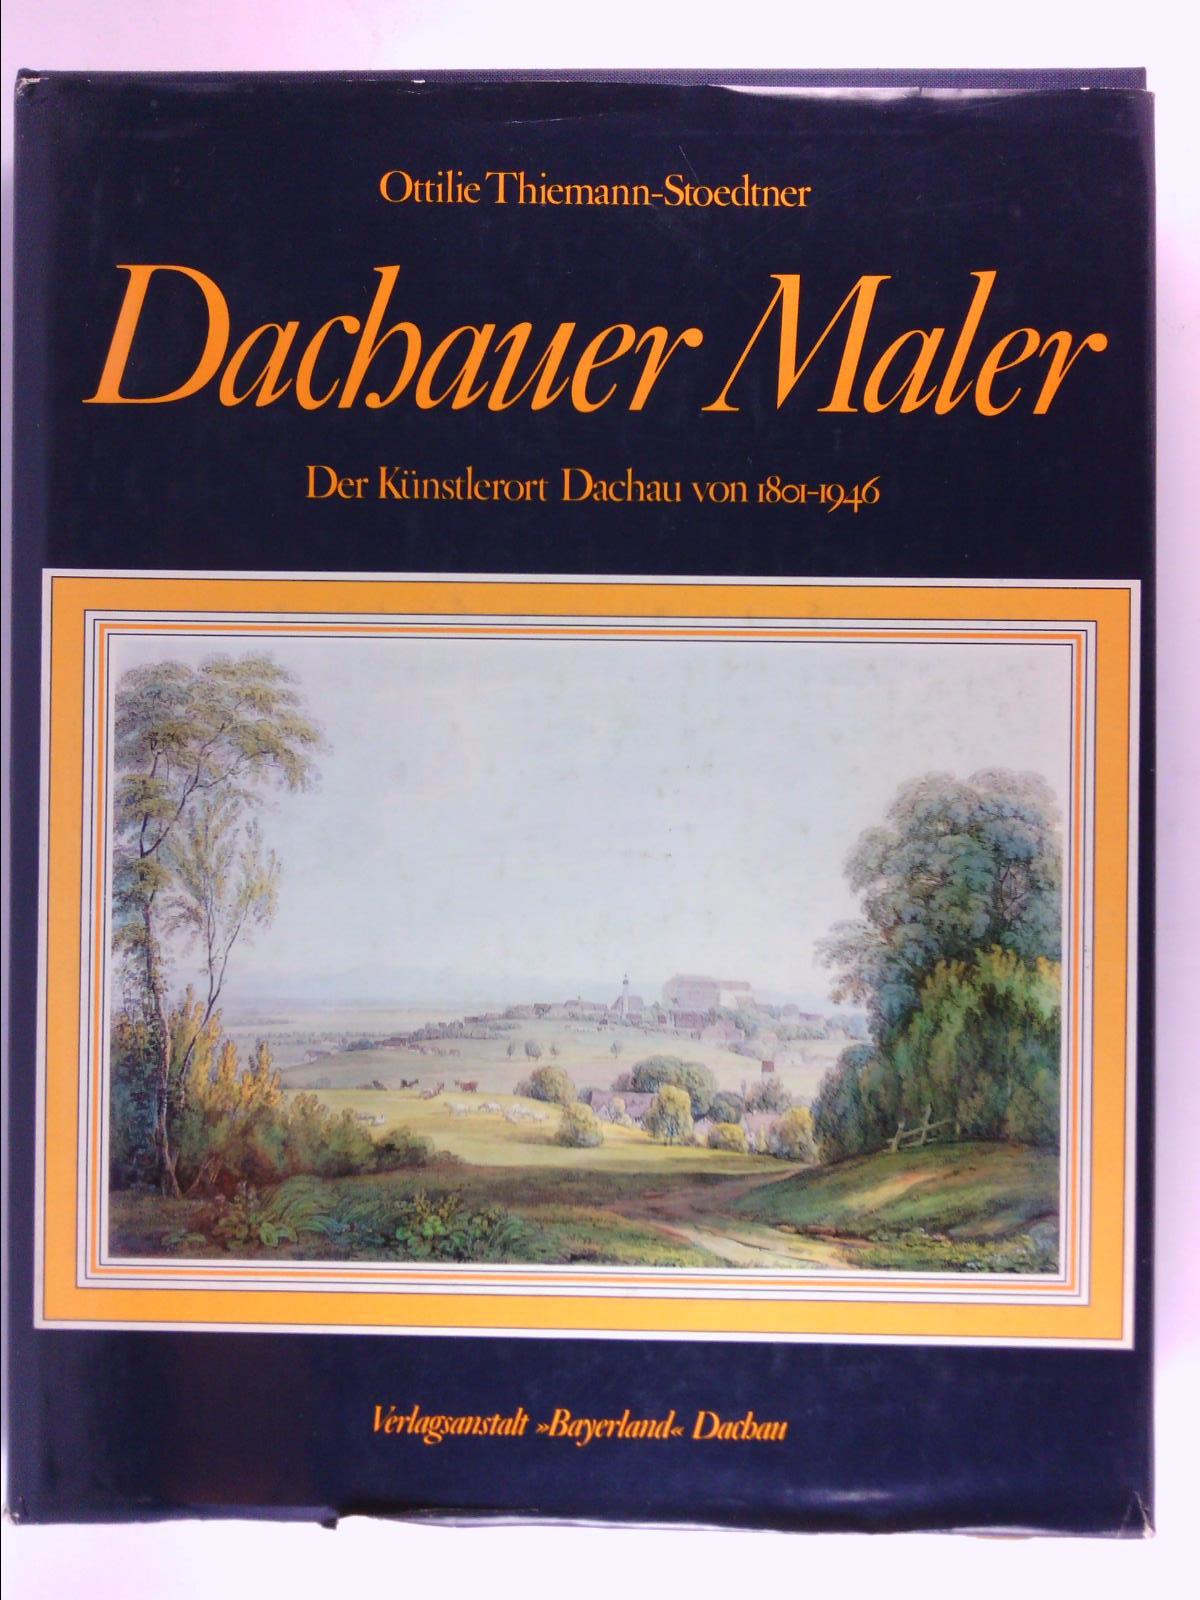 Dachauer Maler. Der Künstlerort Dachau von 1801: Thiemann-Stoedtner, Ottilie und